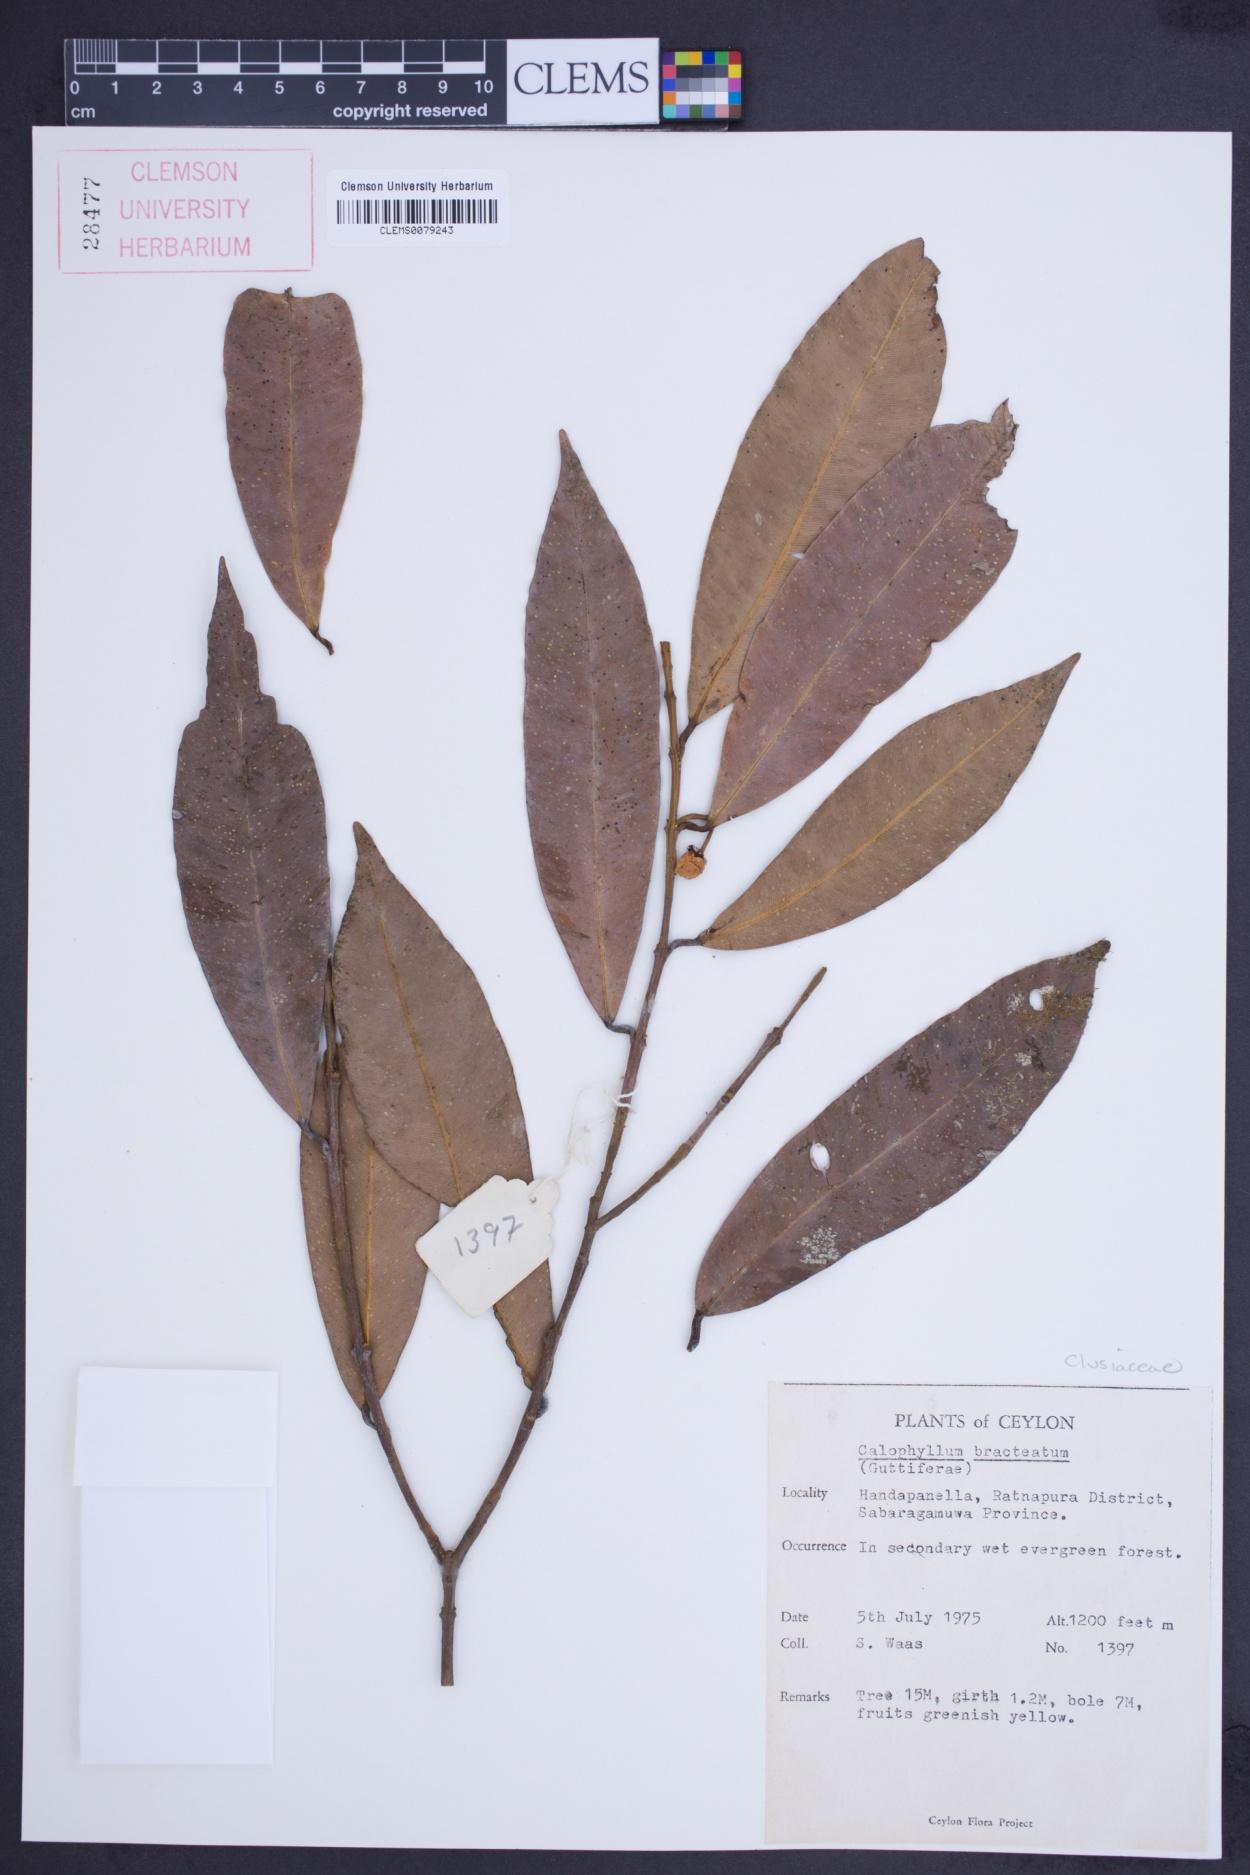 Calophyllum bracteatum image